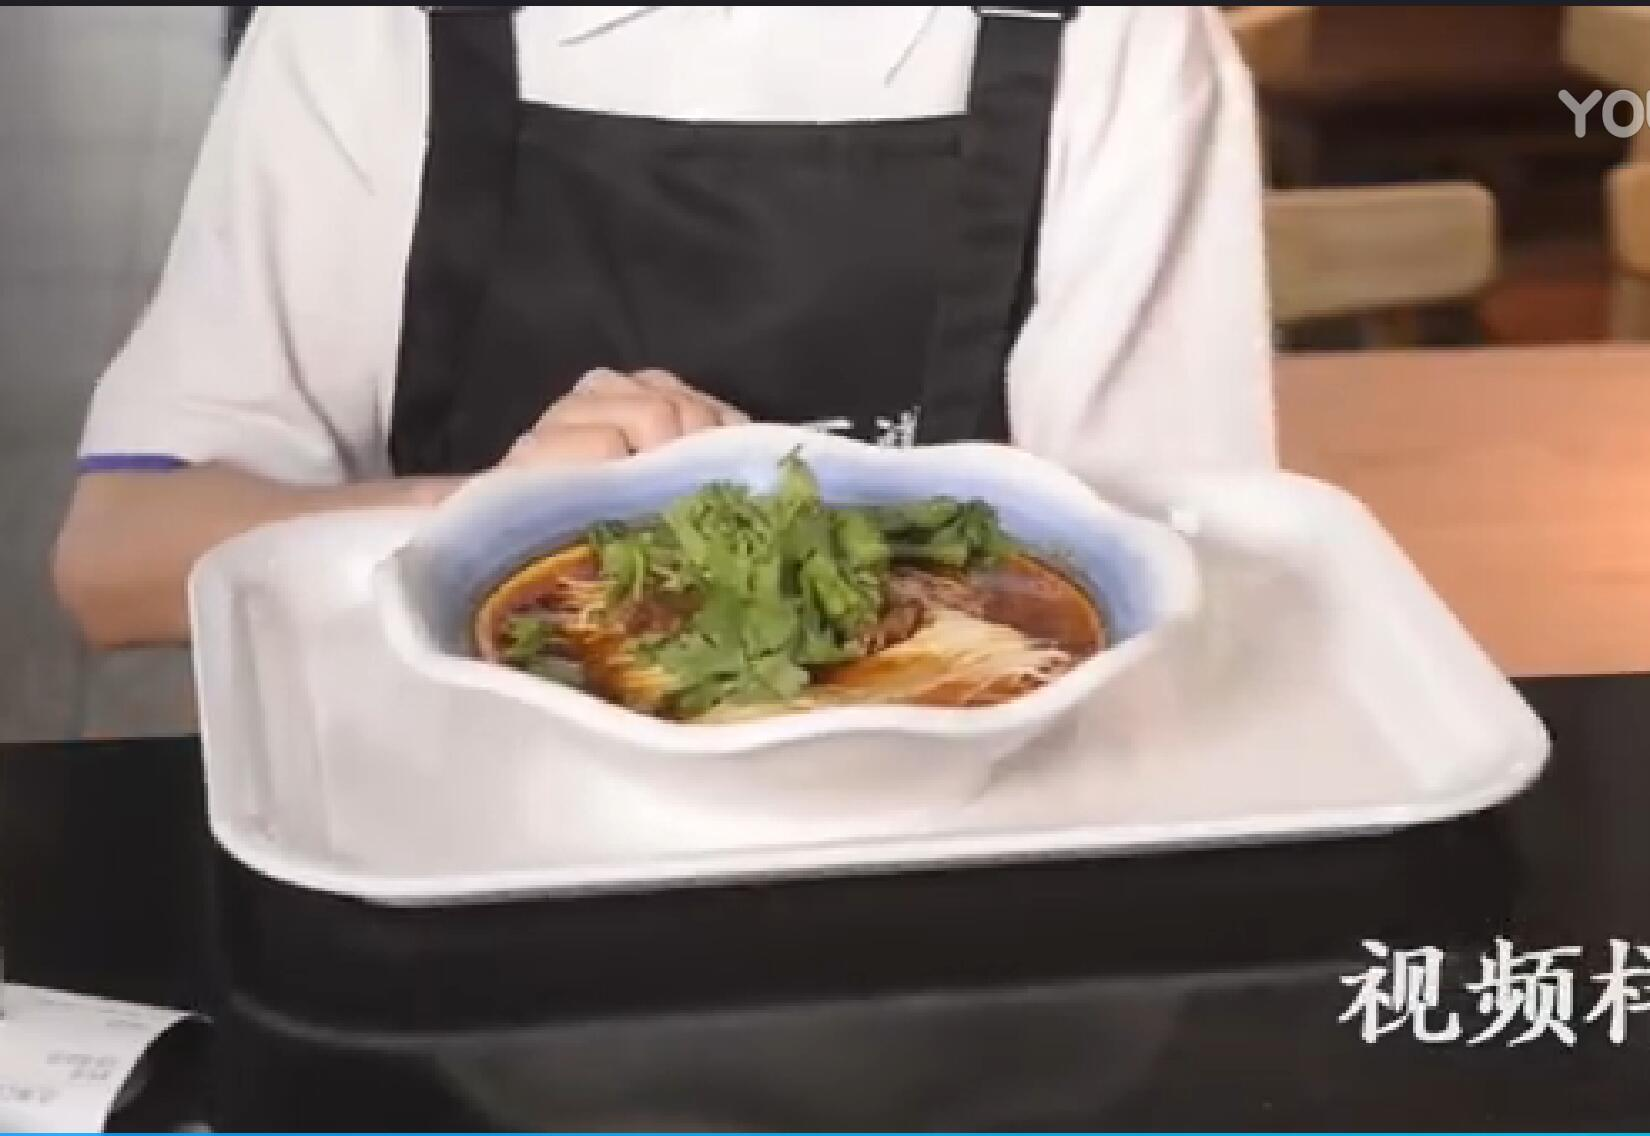 仟面道视频,广州美食视频制作,广州食品制作工艺拍摄,广州视频拍摄公司